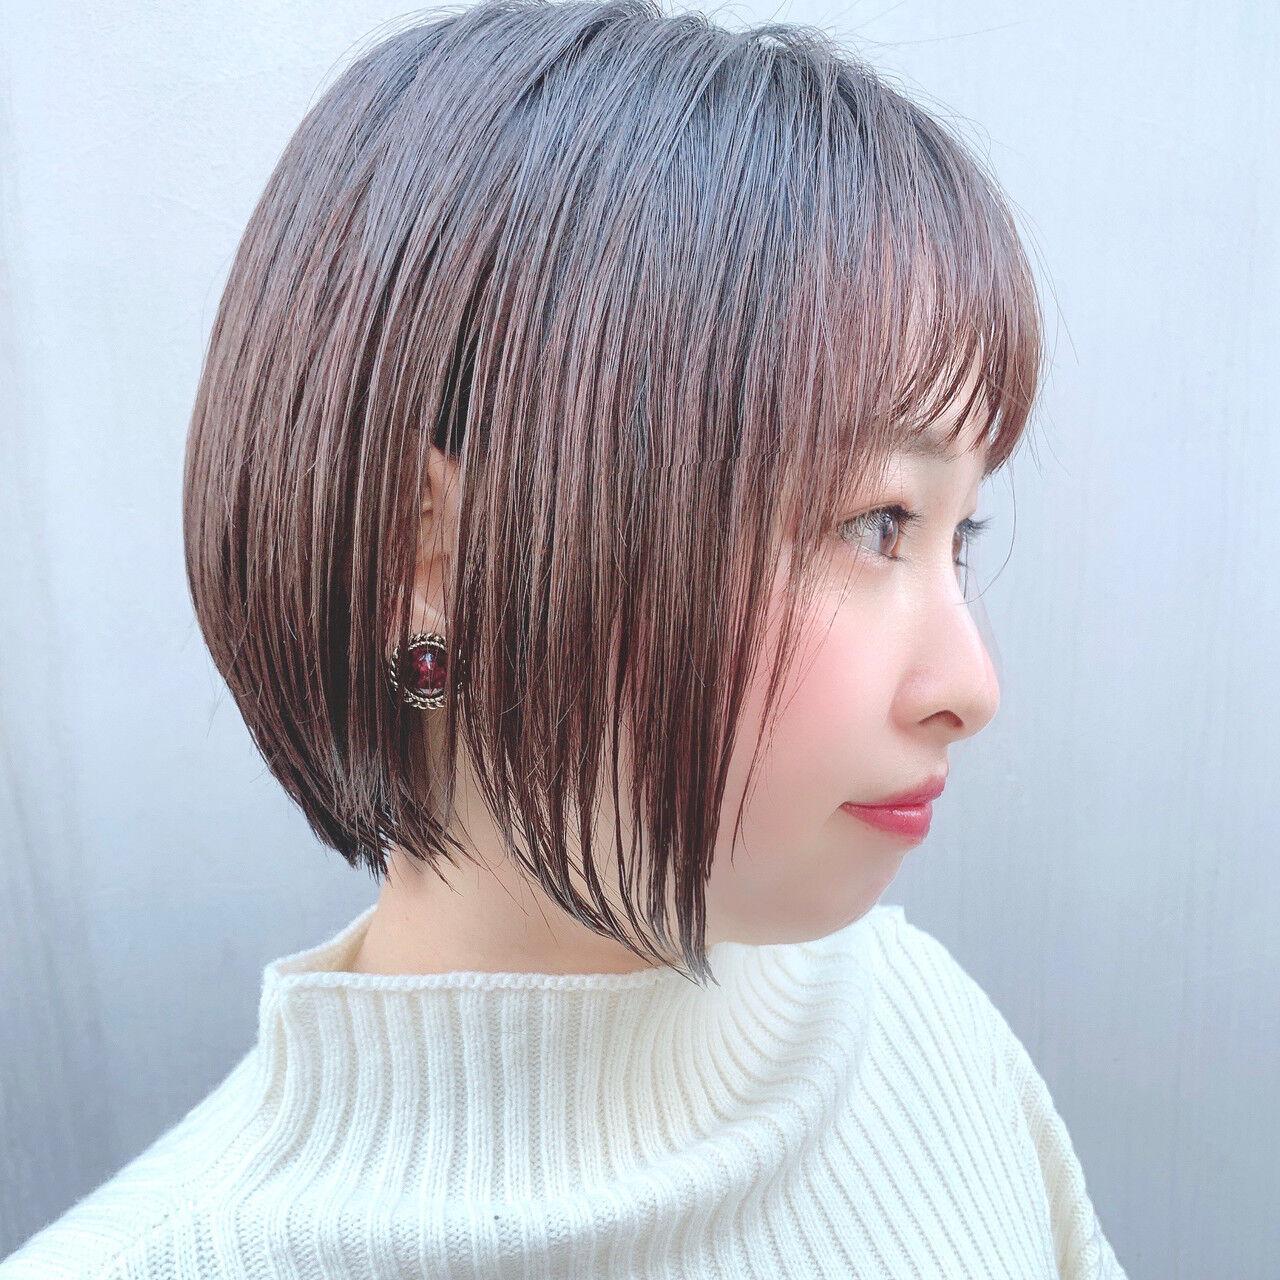 フェミニン ショートヘア グラデーションボブ ボブヘアスタイルや髪型の写真・画像